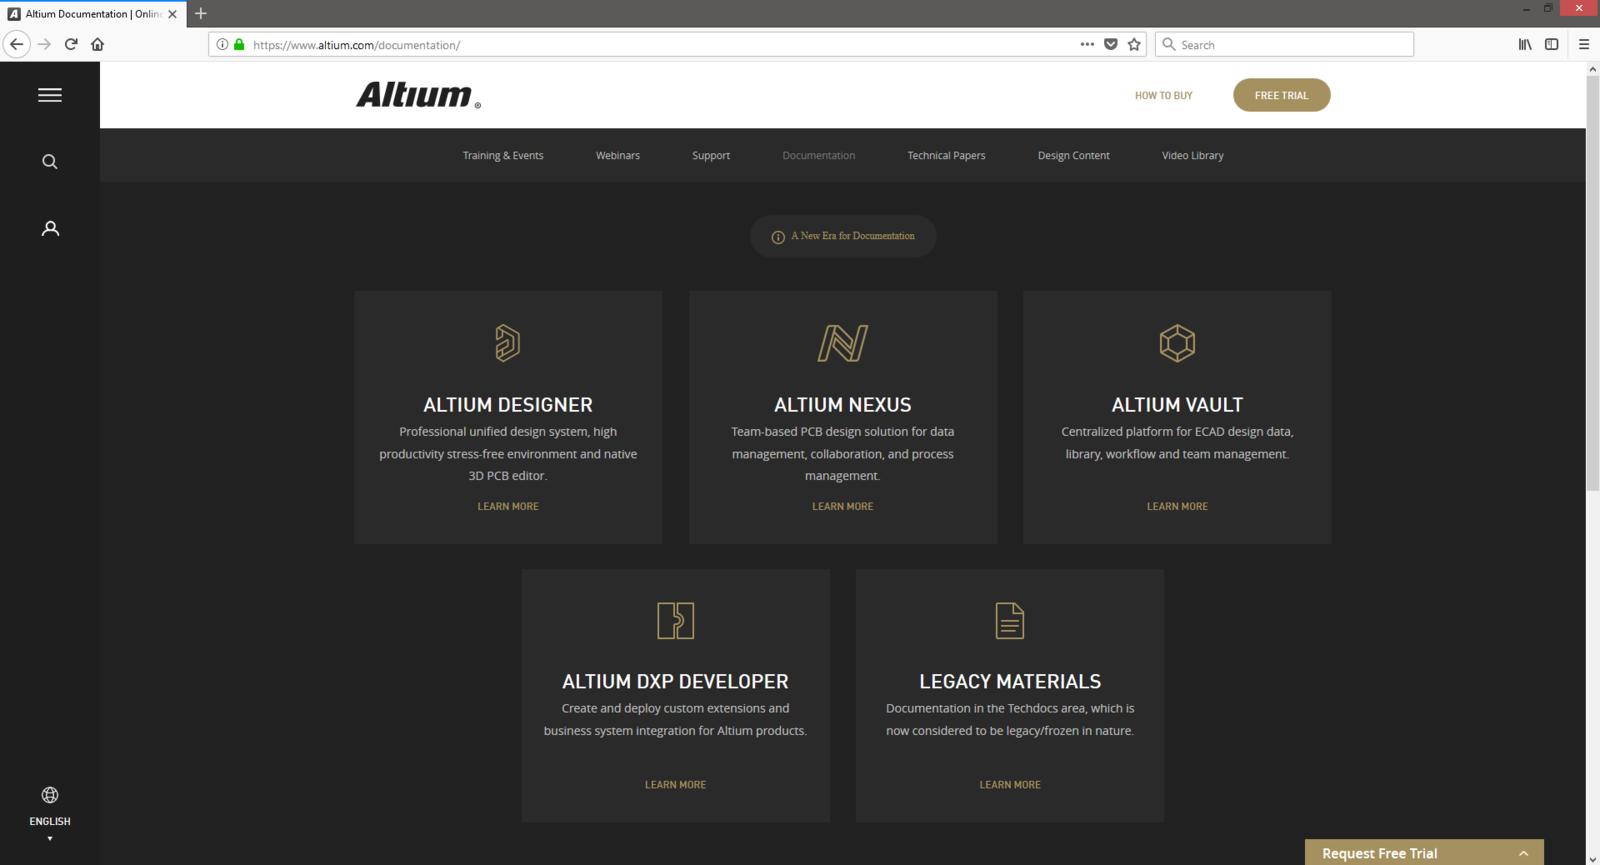 Using Altium Documentation | Online Documentation for Altium Products